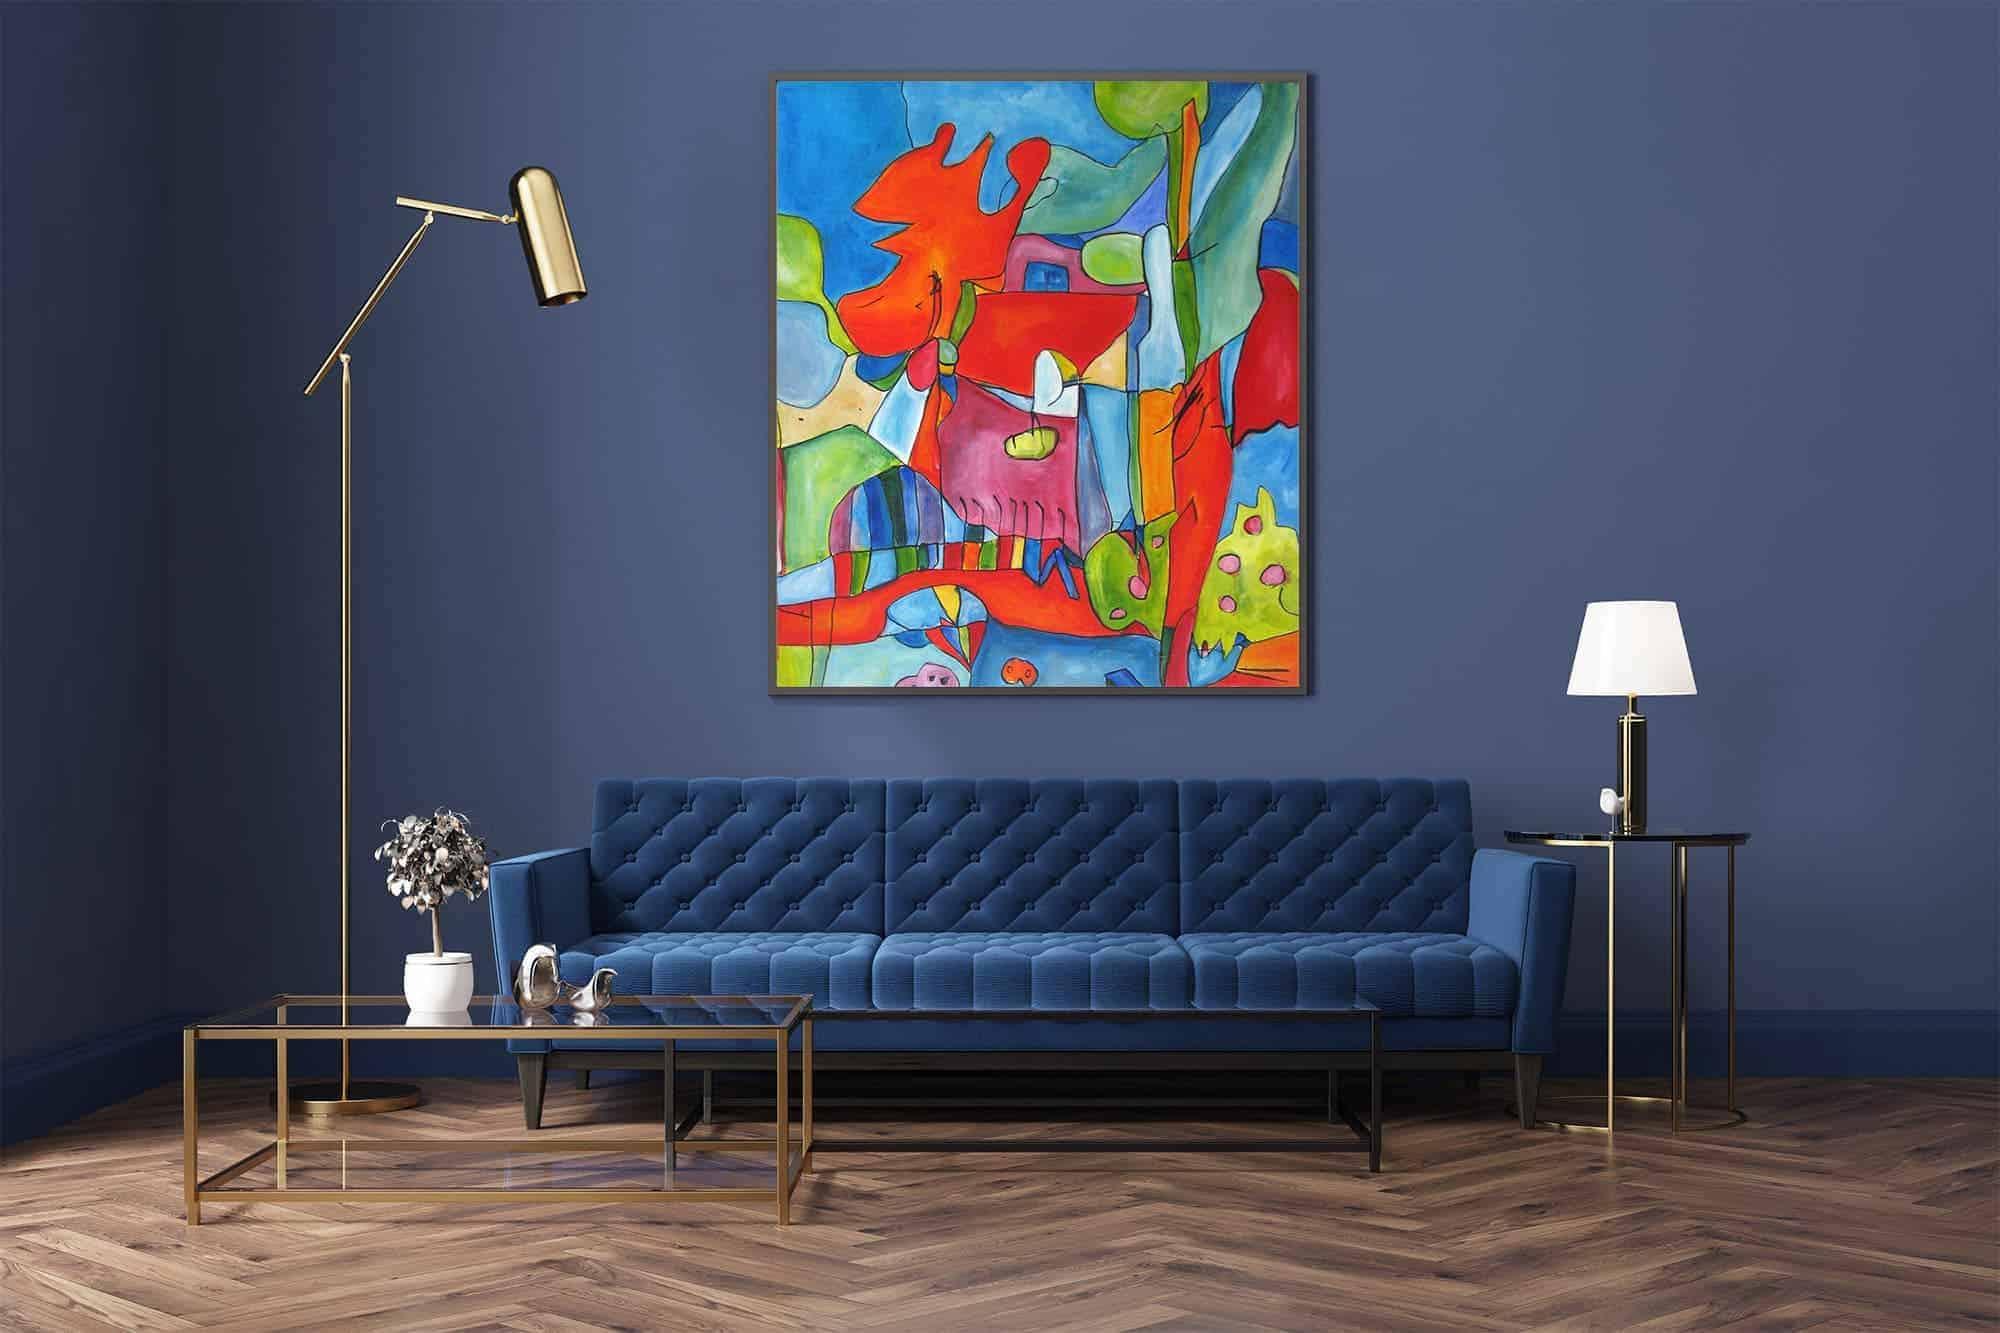 Bilder richtig aufhängen: So hängen Sie Gemälde an die Wand!